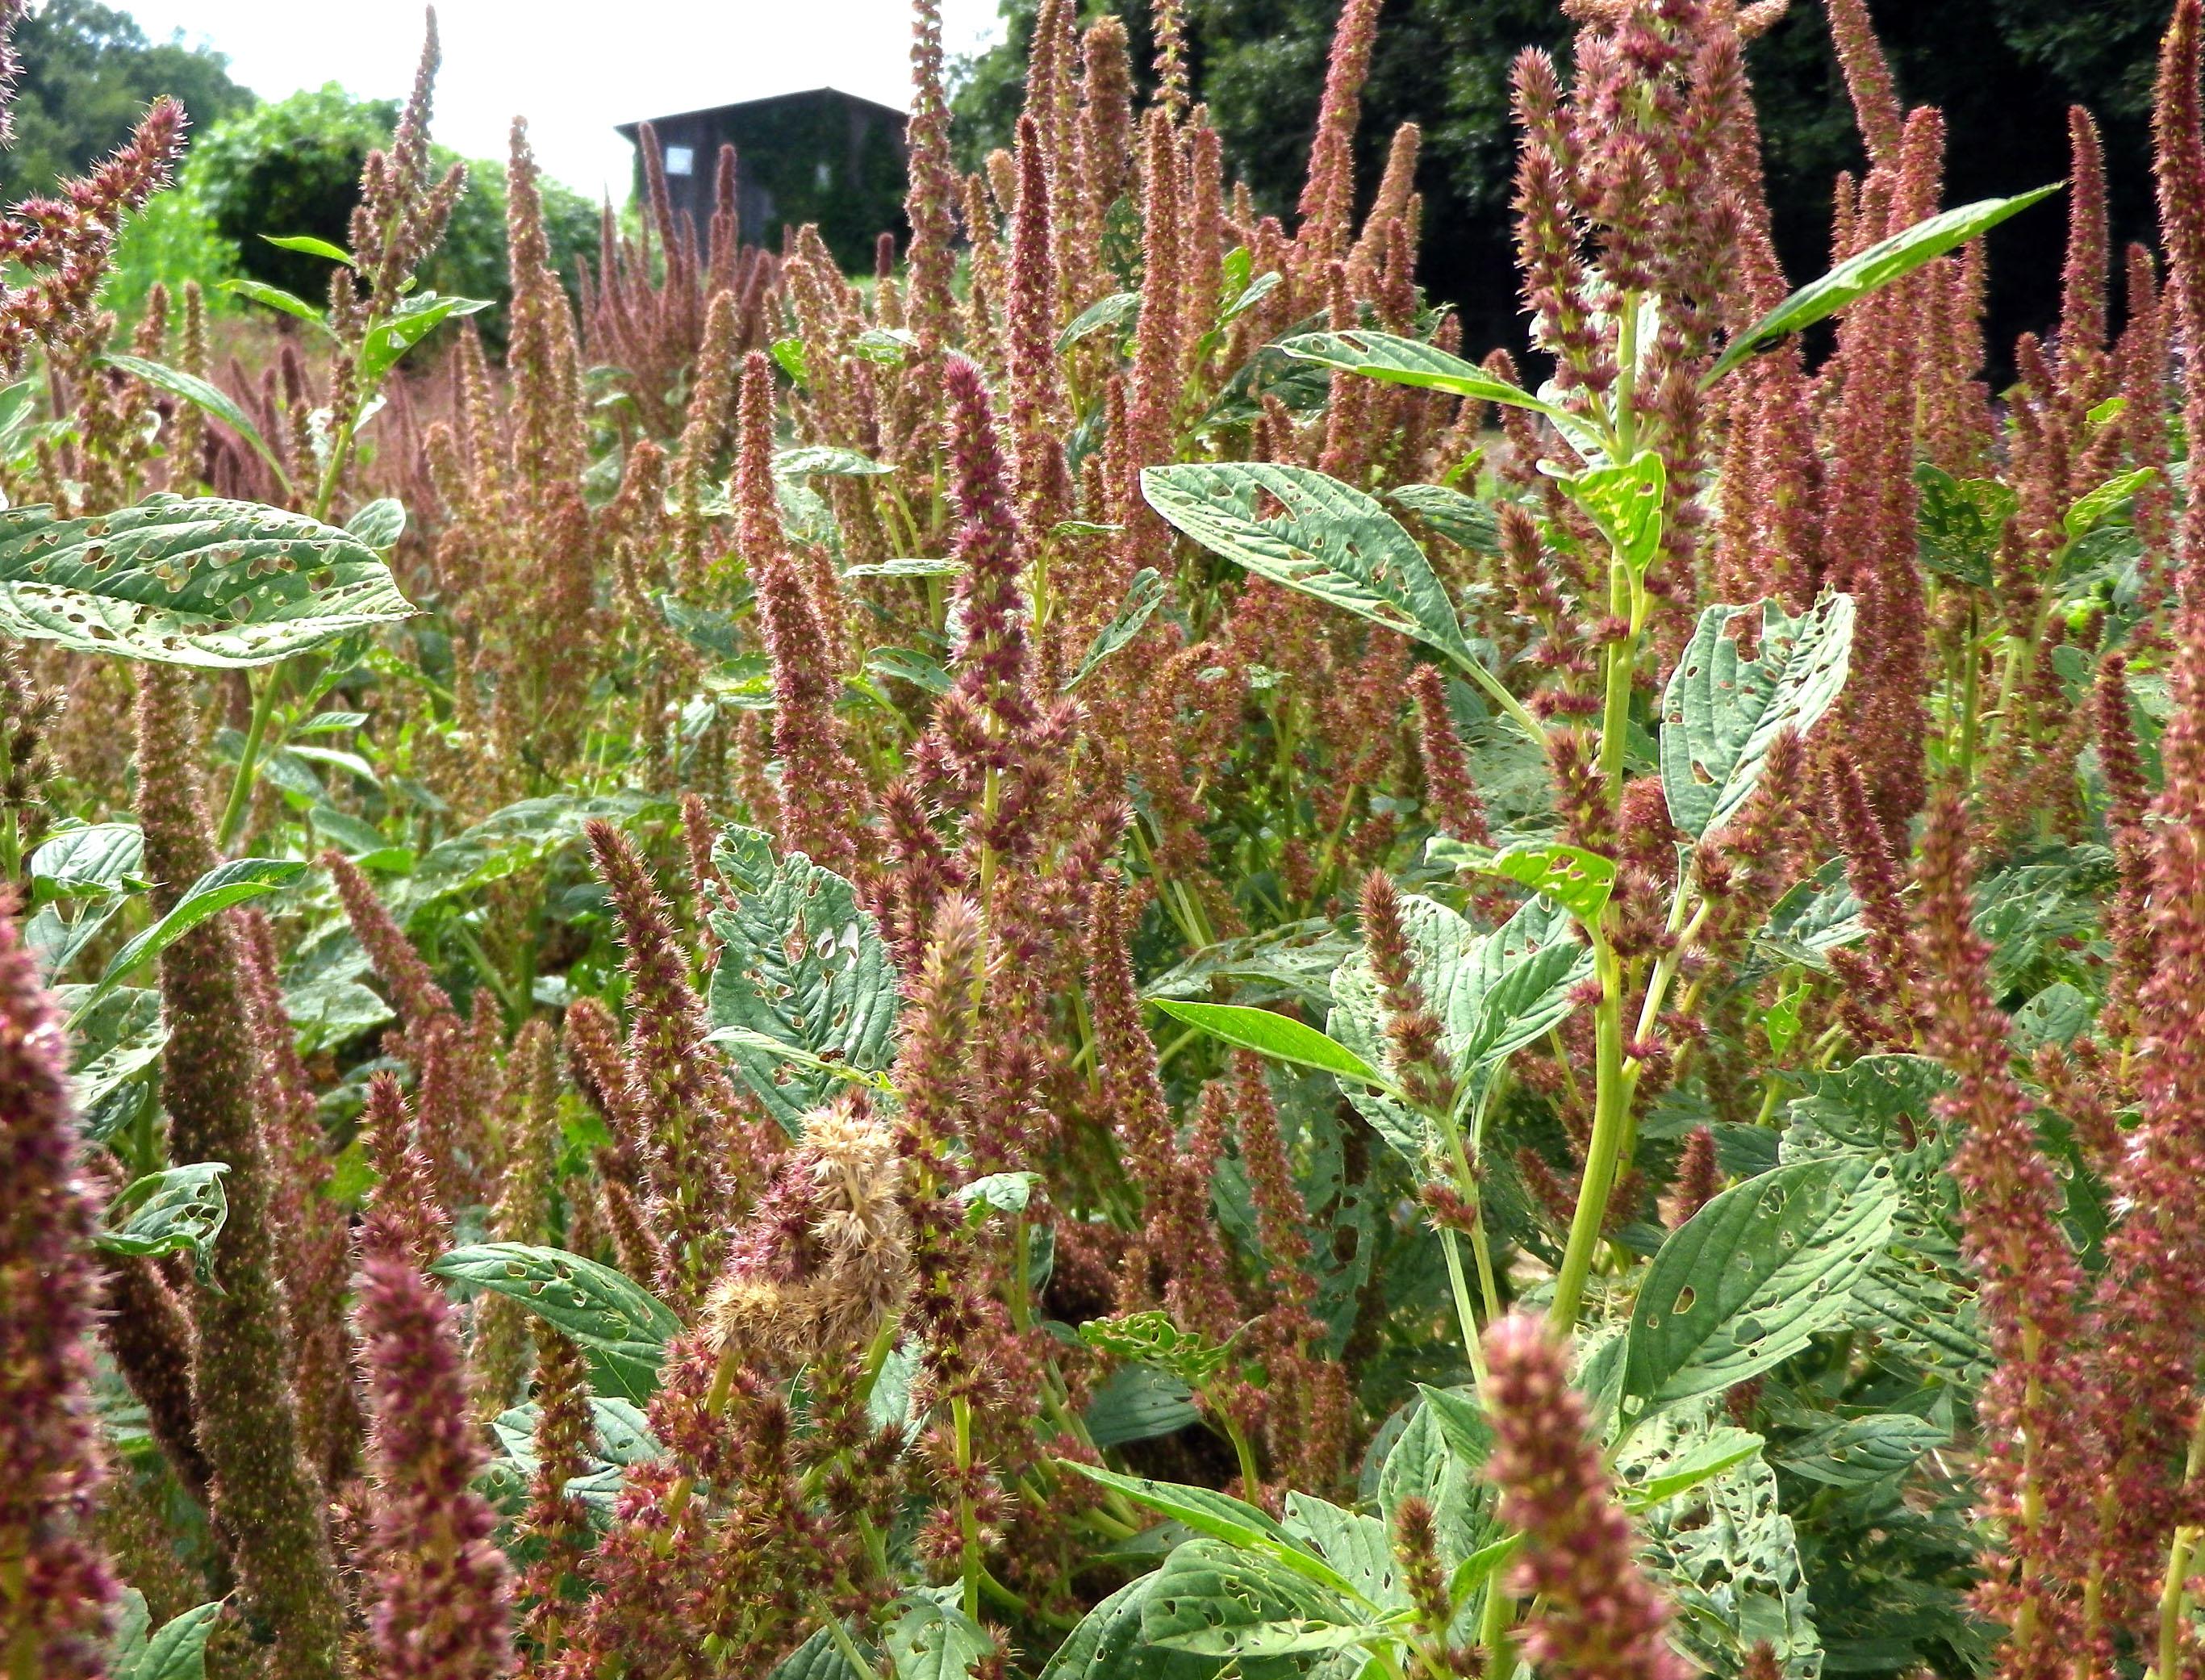 amaranth plainsman 2 g southern exposure seed exchange saving